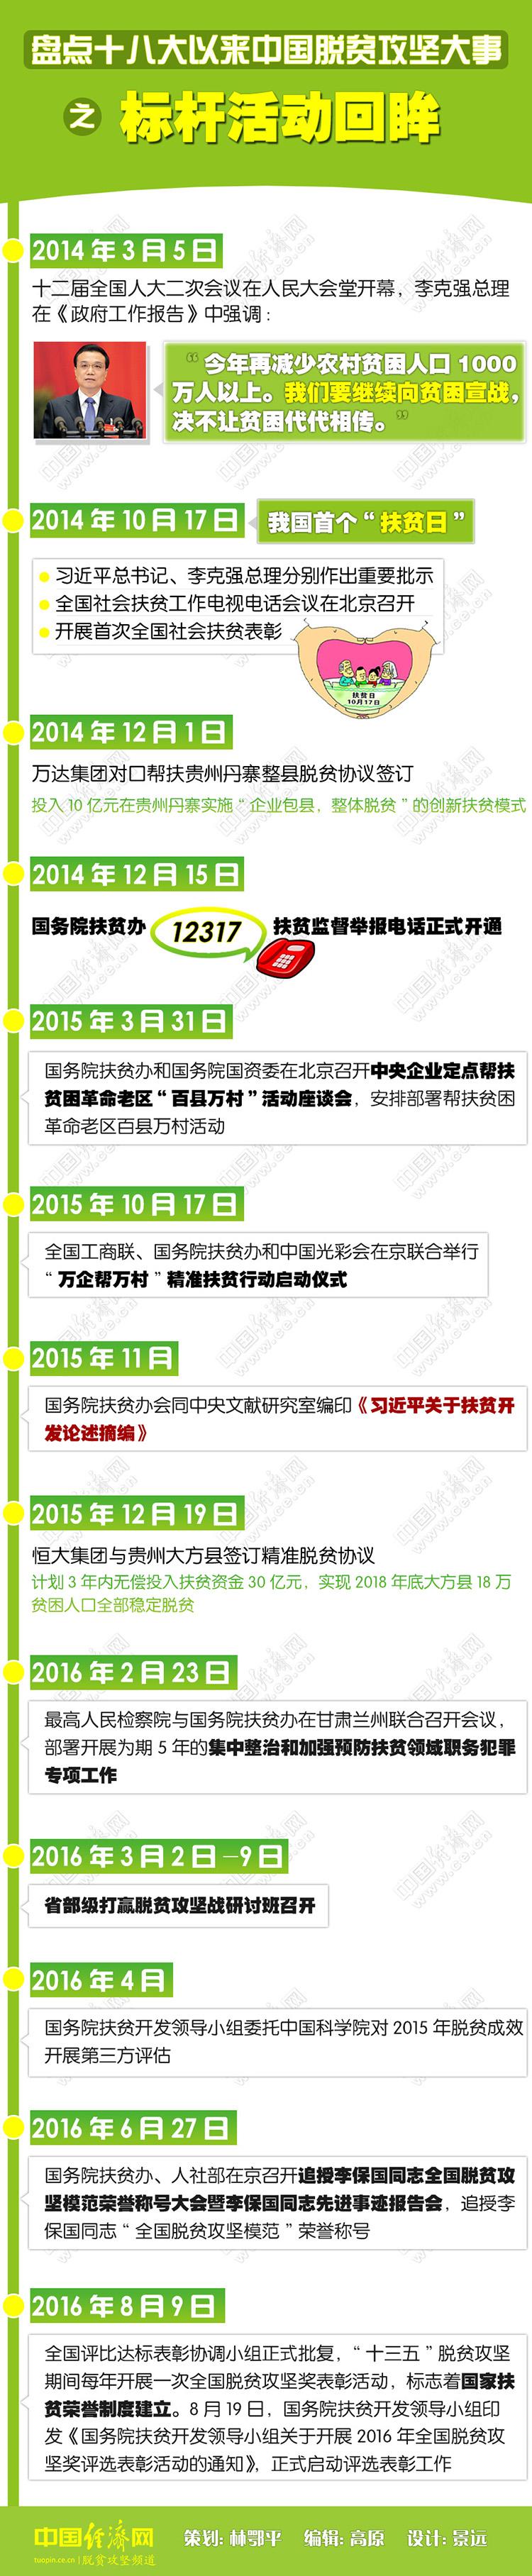 盘点十八大以来中国脱贫攻坚大事之标杆活动回眸